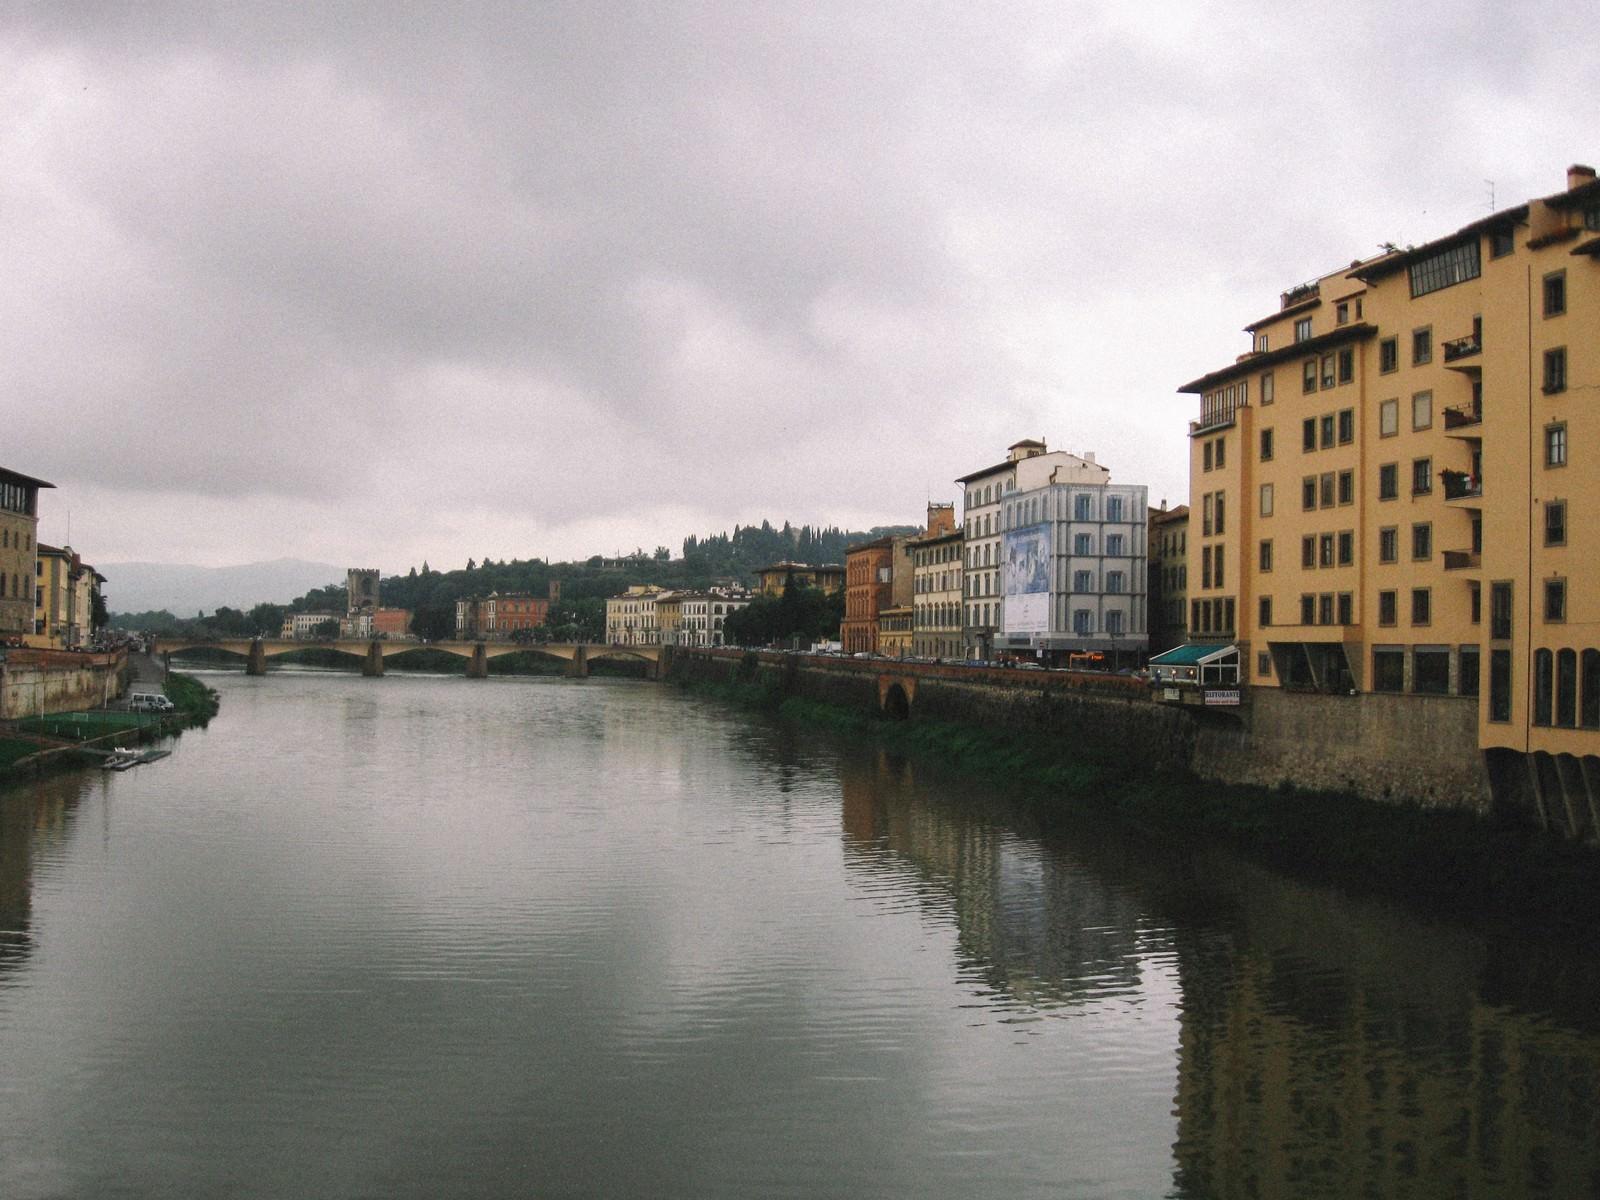 「フィレンツェを流れる川と遠くに見える橋(イタリア)」の写真